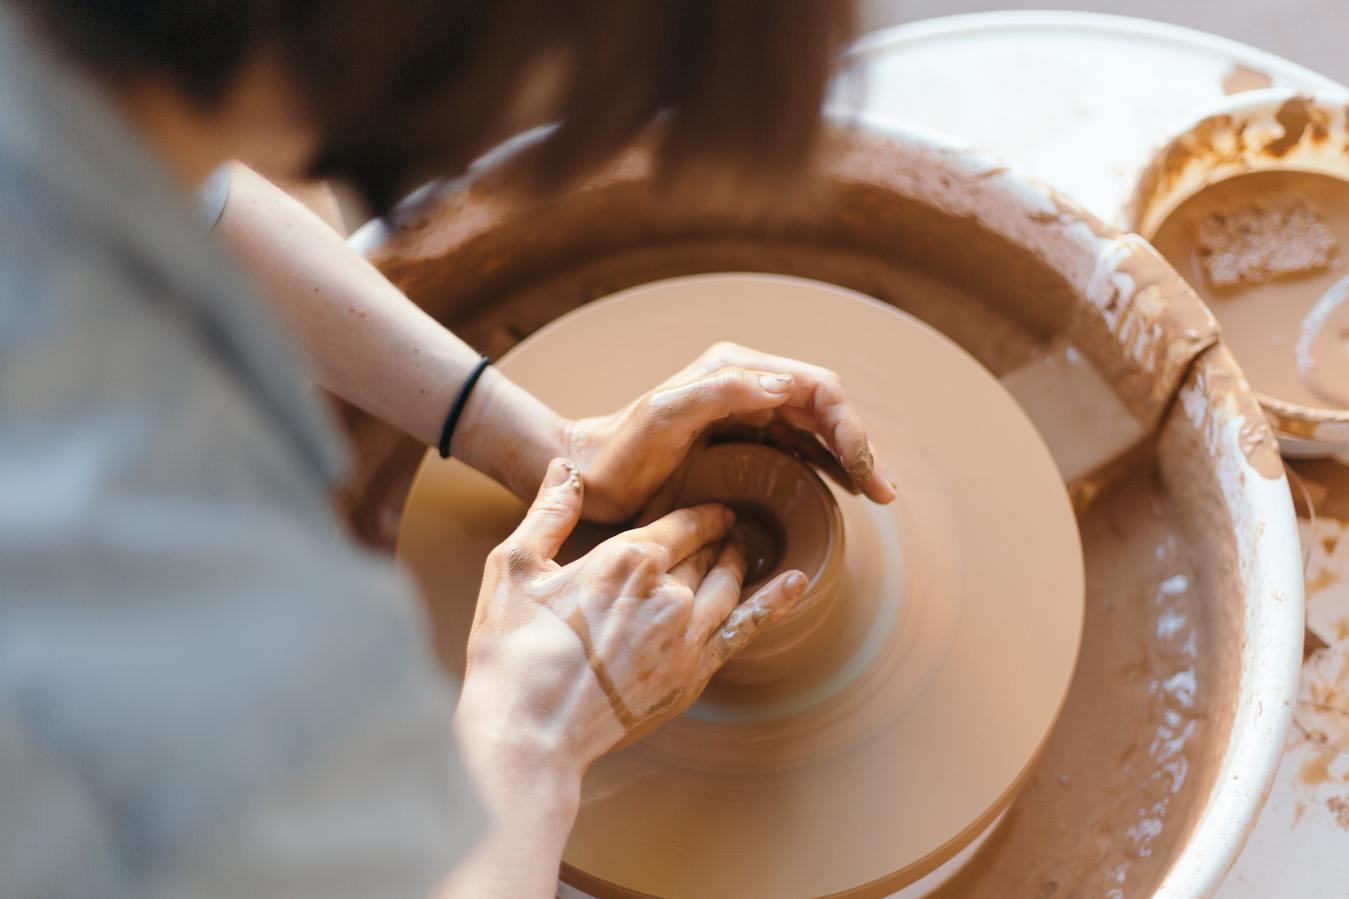 Handgemaakt aardewerk en keramiekproducten die door een persoon worden gemaakt